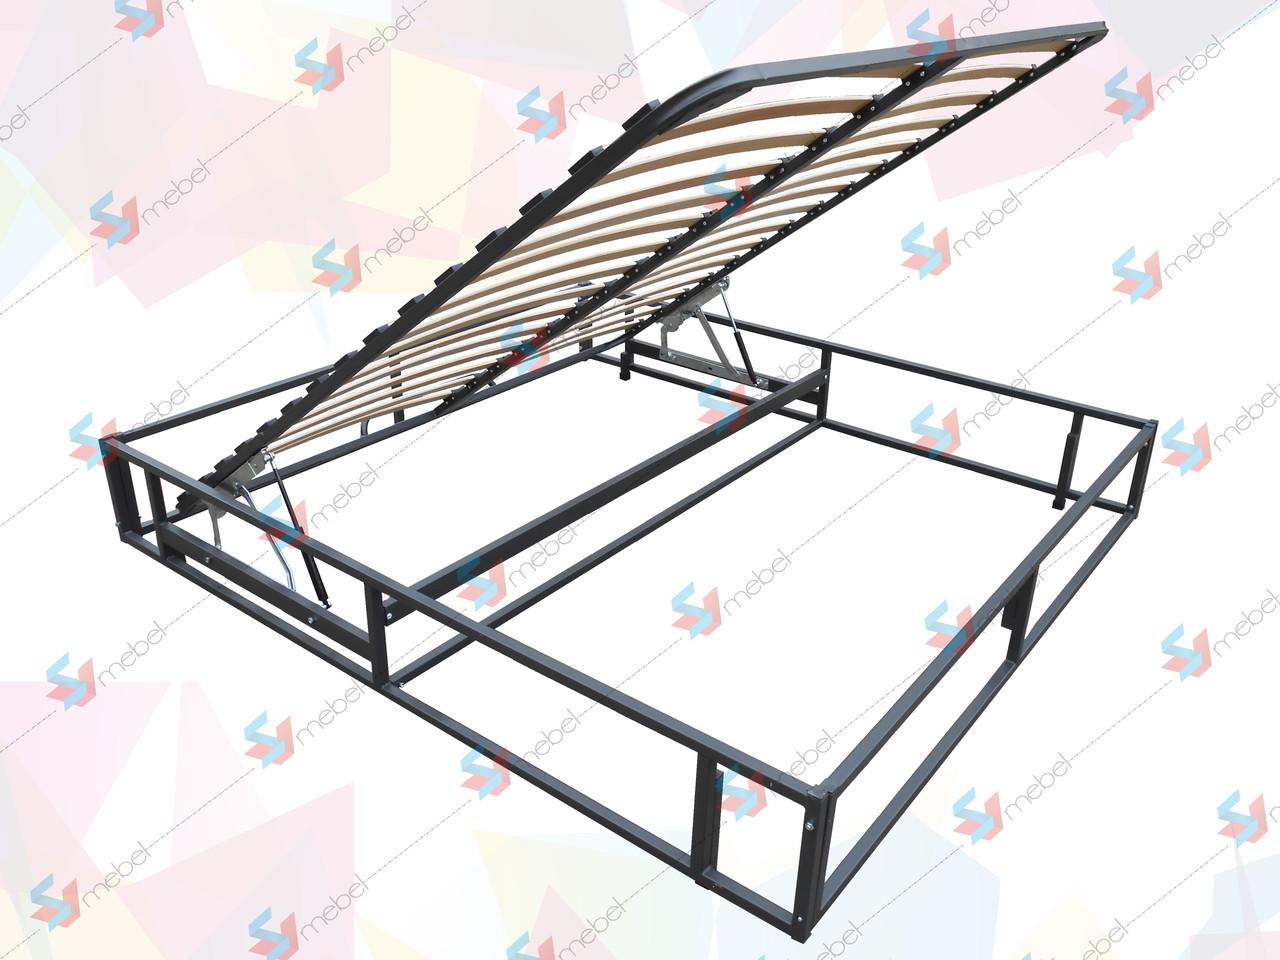 Каркас кровати с подъемным механизмом(с фиксатором) и основанием 1900х1400 мм - SVmebel в Мелитополе